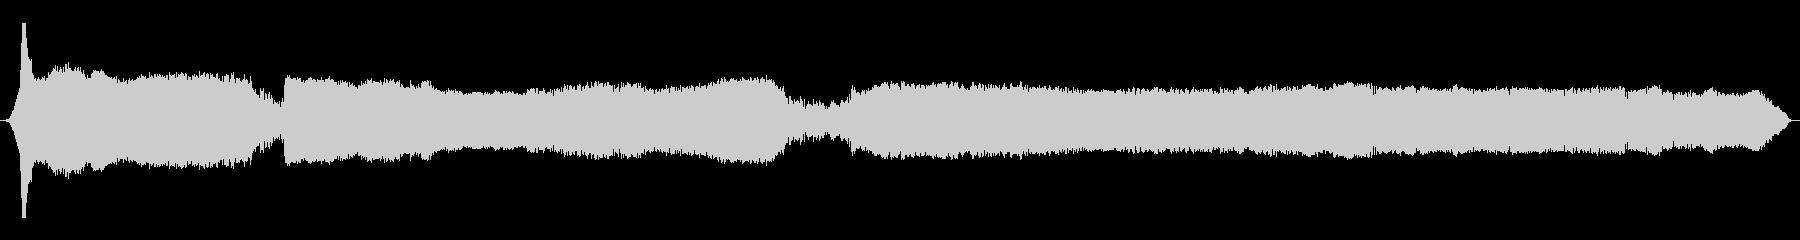 成人男性:ロングフォールエールの未再生の波形